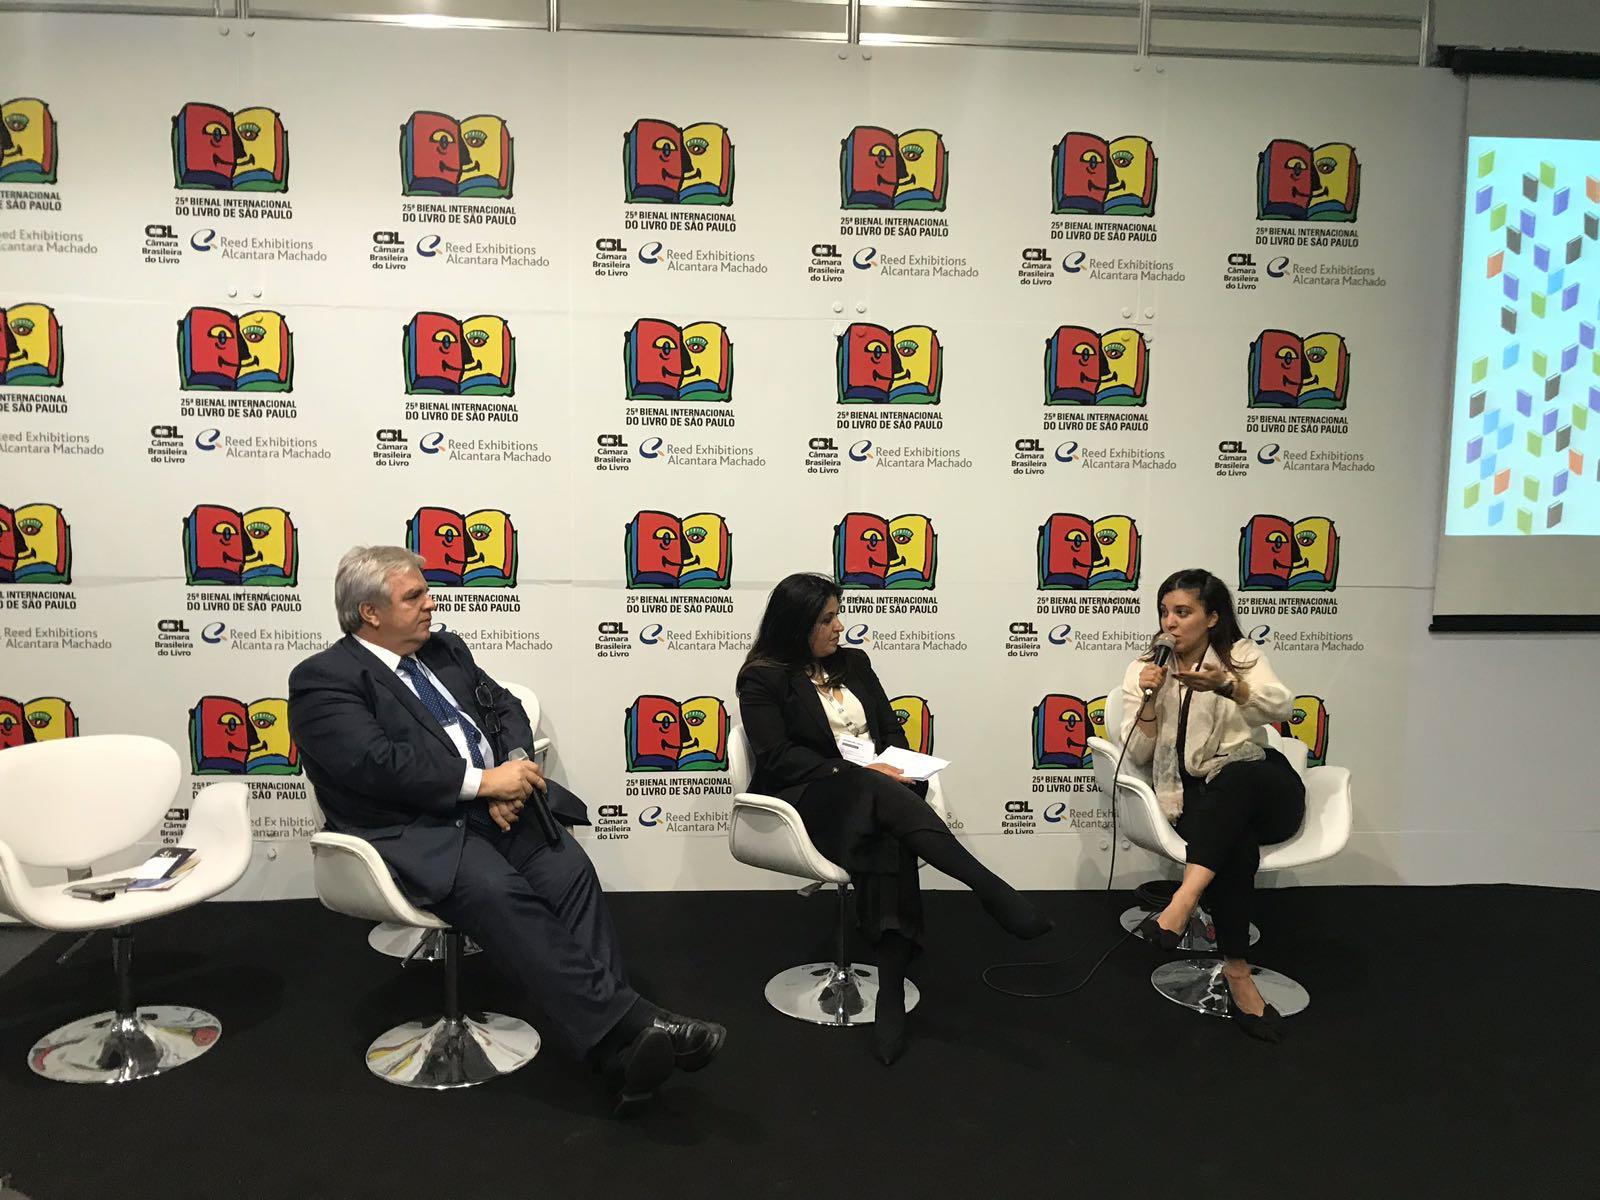 25ª Bienal Internacional do Livro de São Paulo sedia discussões sobre mercado editorial árabe e internacionalização das editoras independentes